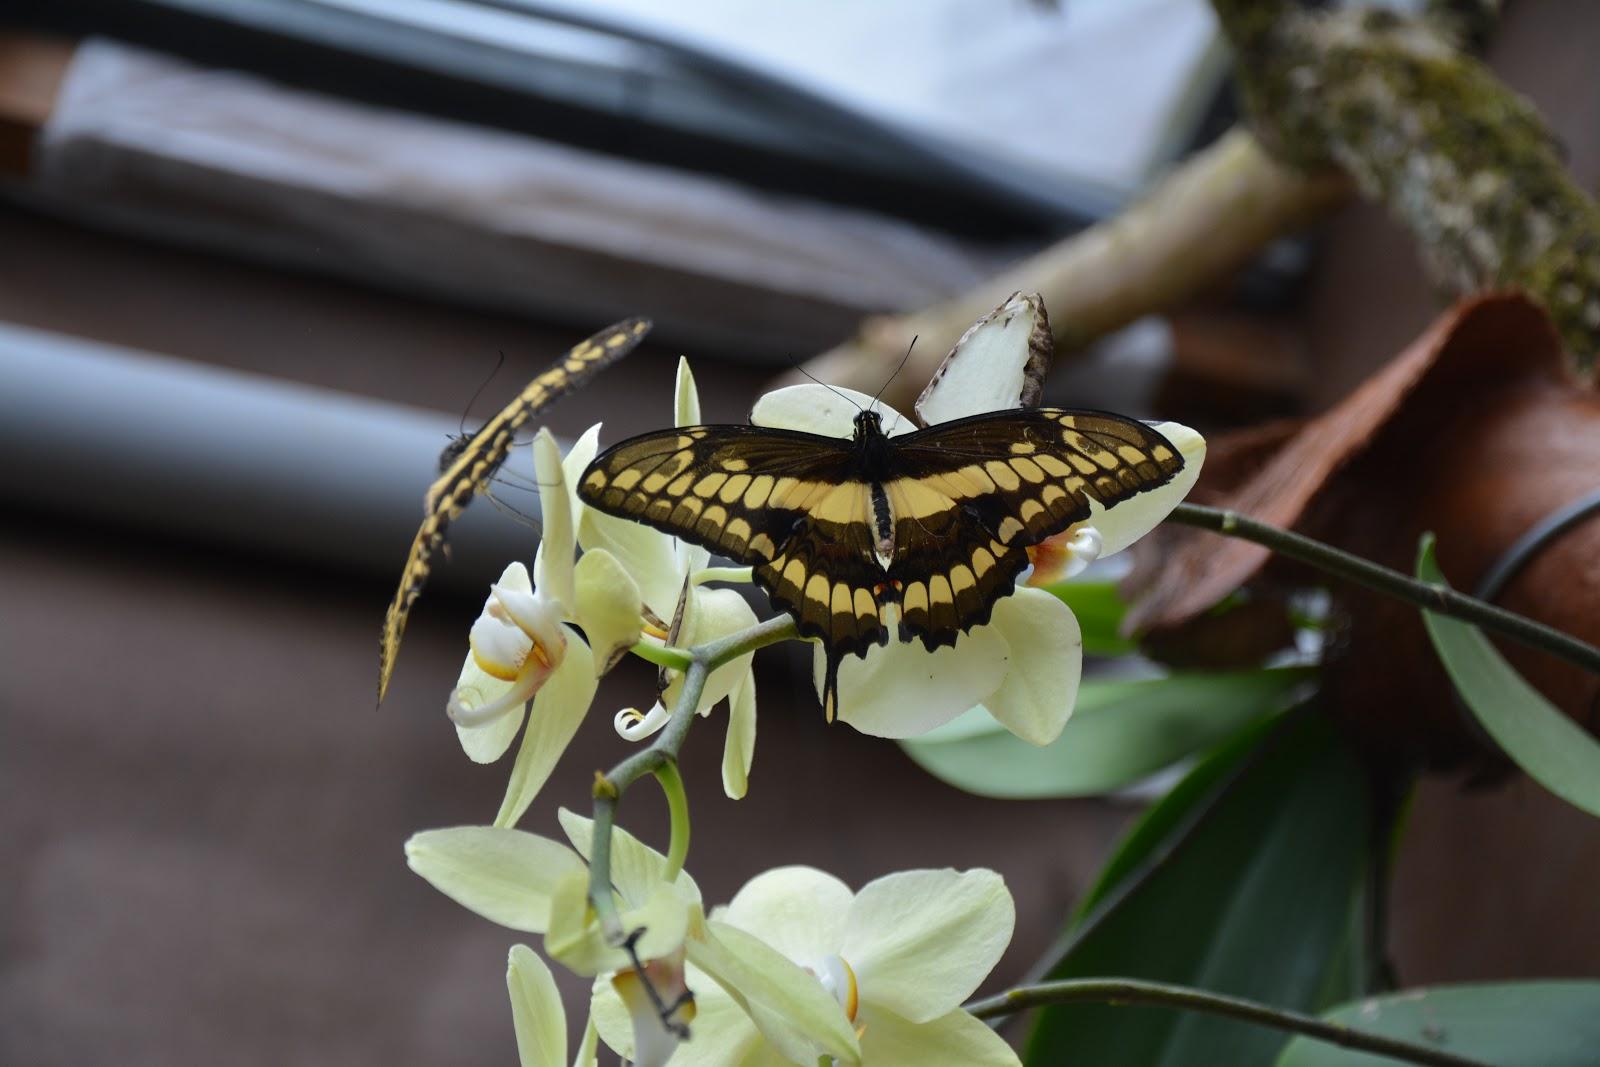 razstava-orhidej-metuljev-vrtni-center-kurbus